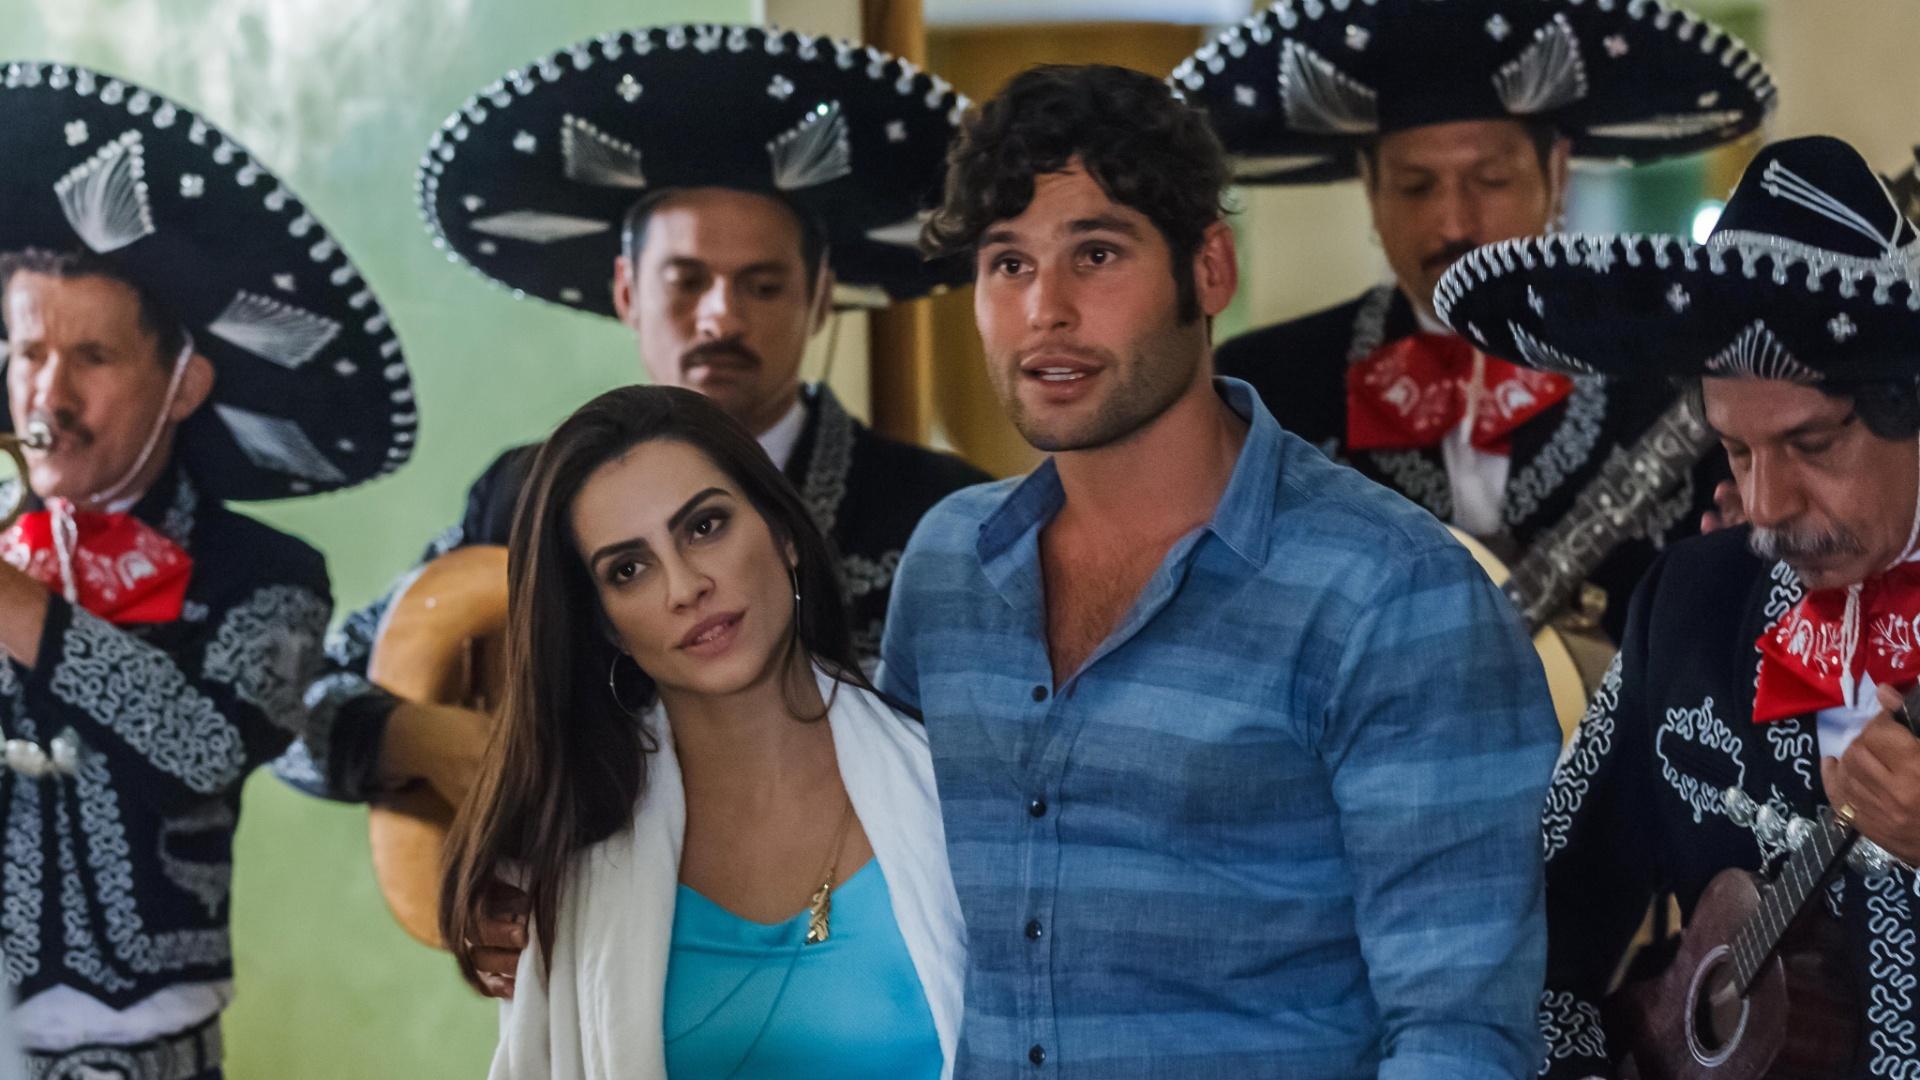 Cleo Pires em cena com Dudu Azevedo no filme